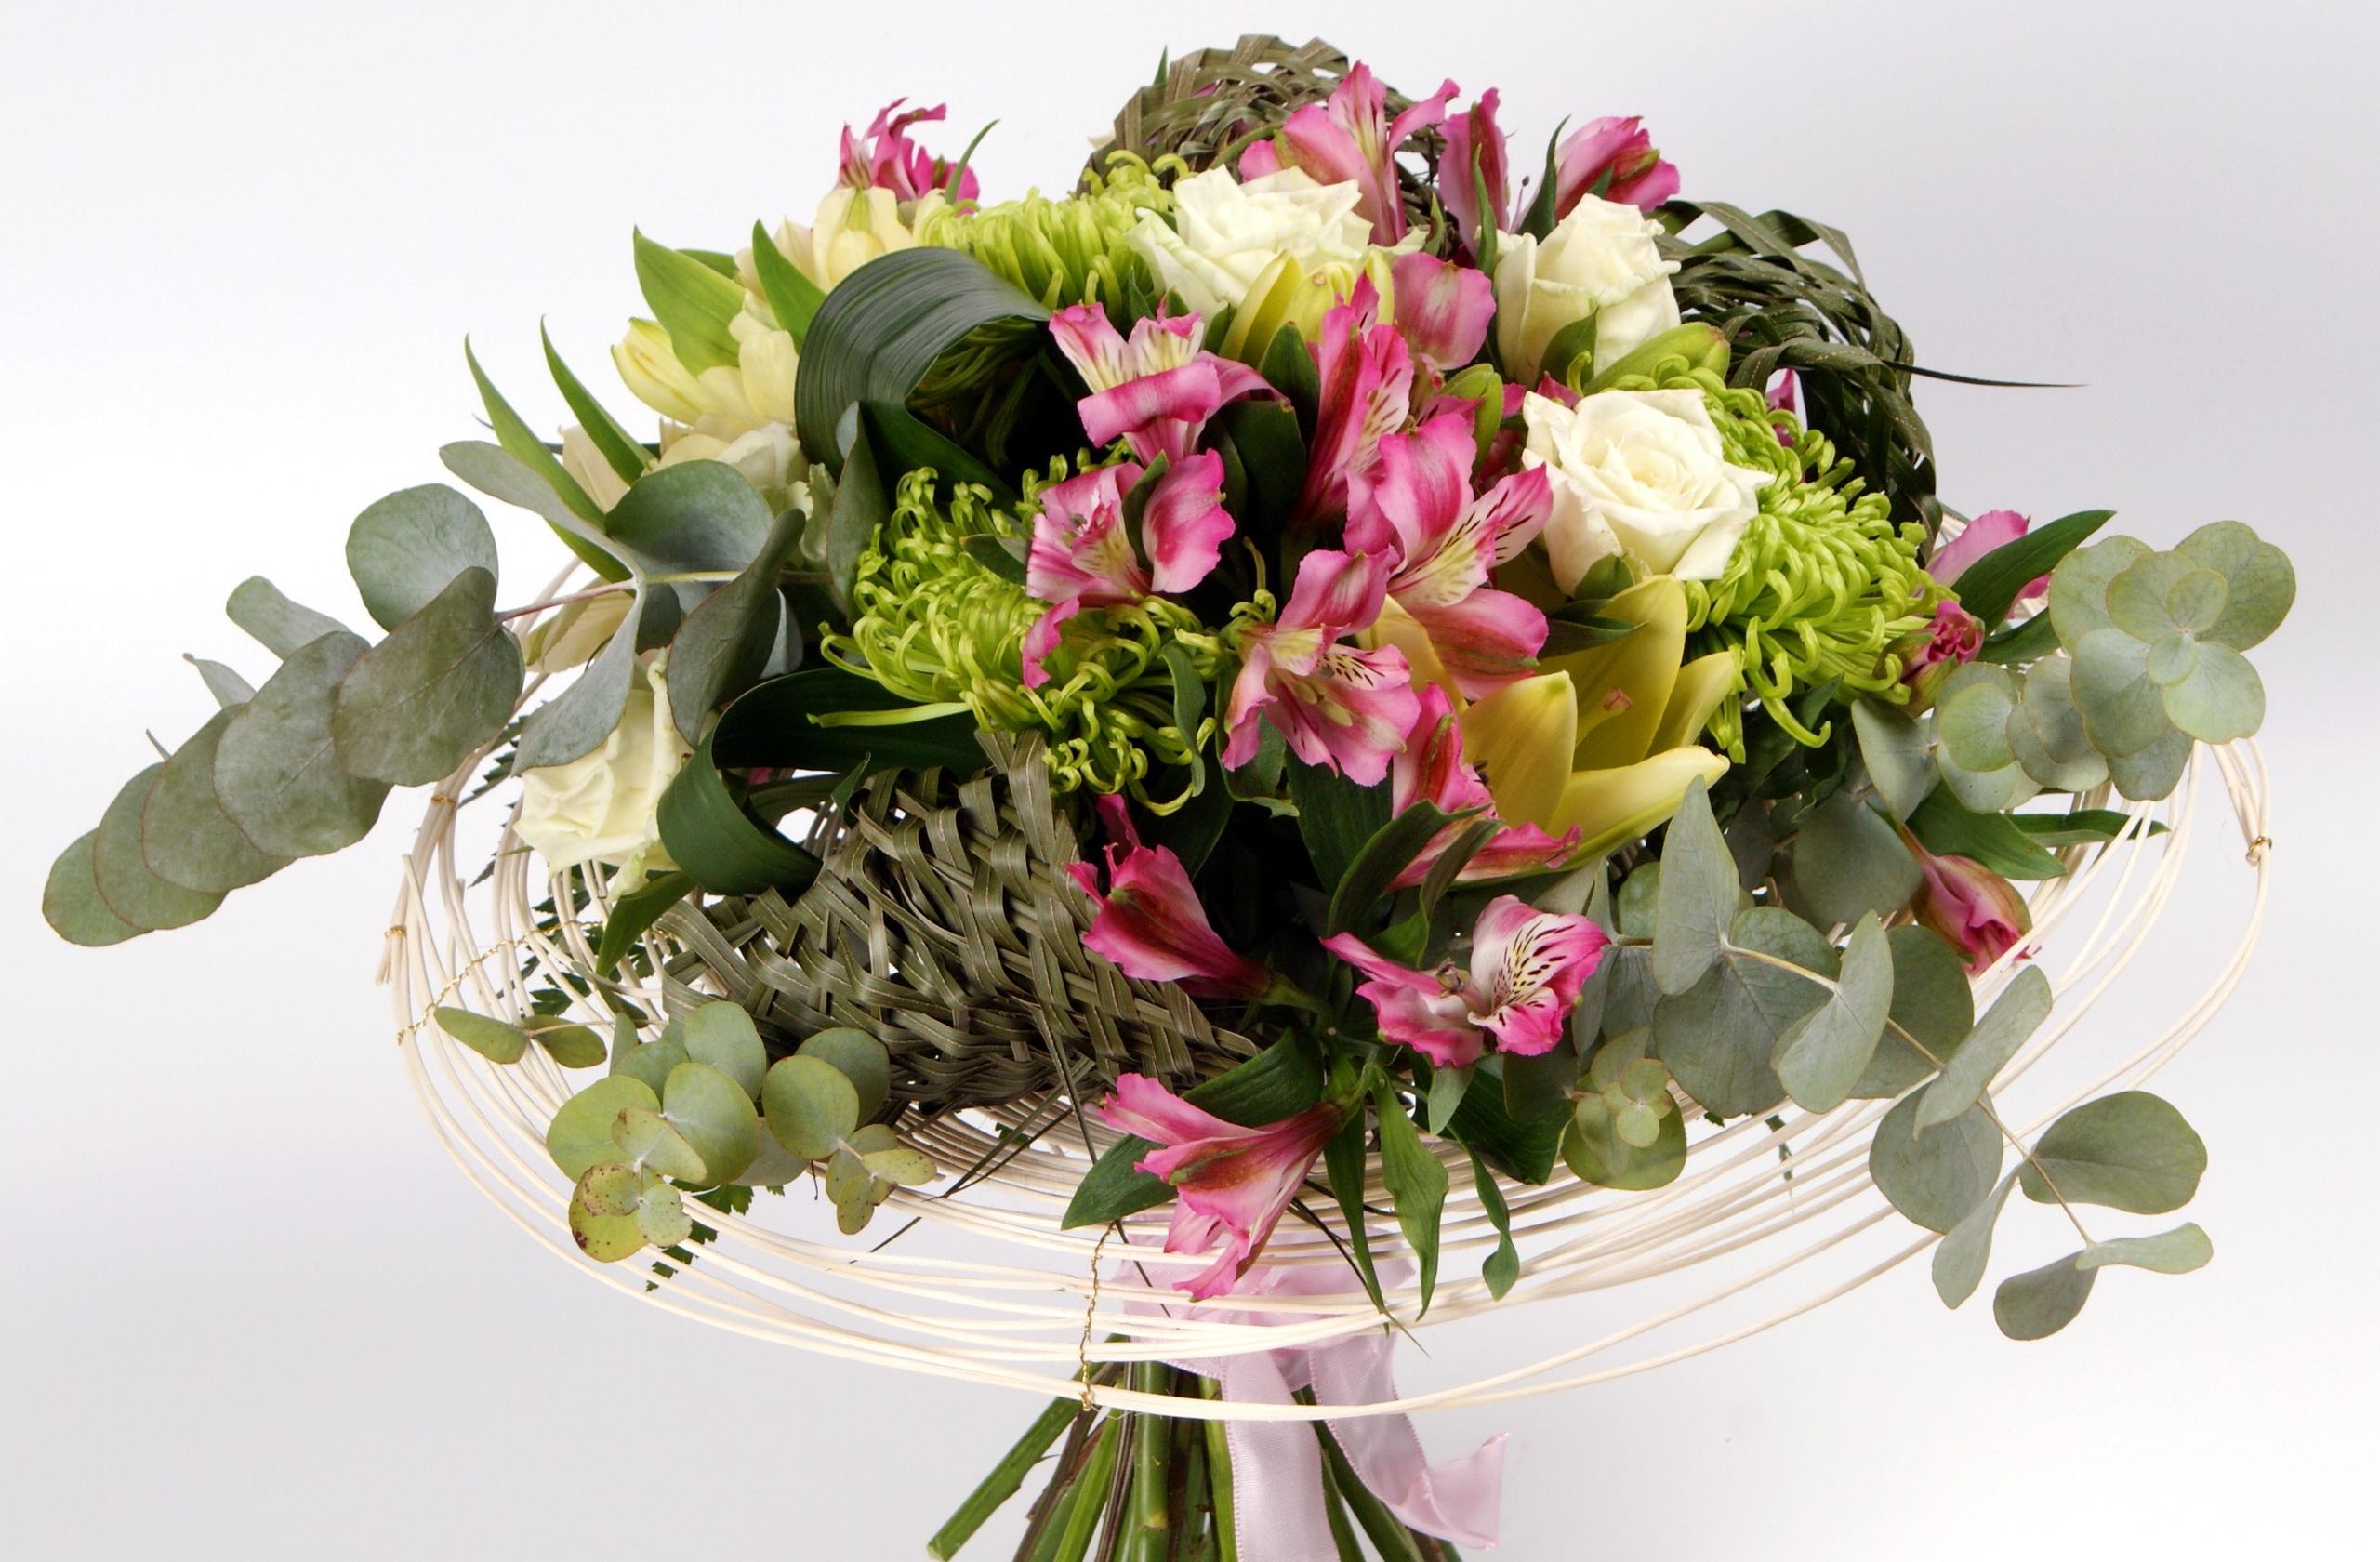 Afskårne Roser baggrunde : liljer, blomst, skønhed, dekoration, roser, buket